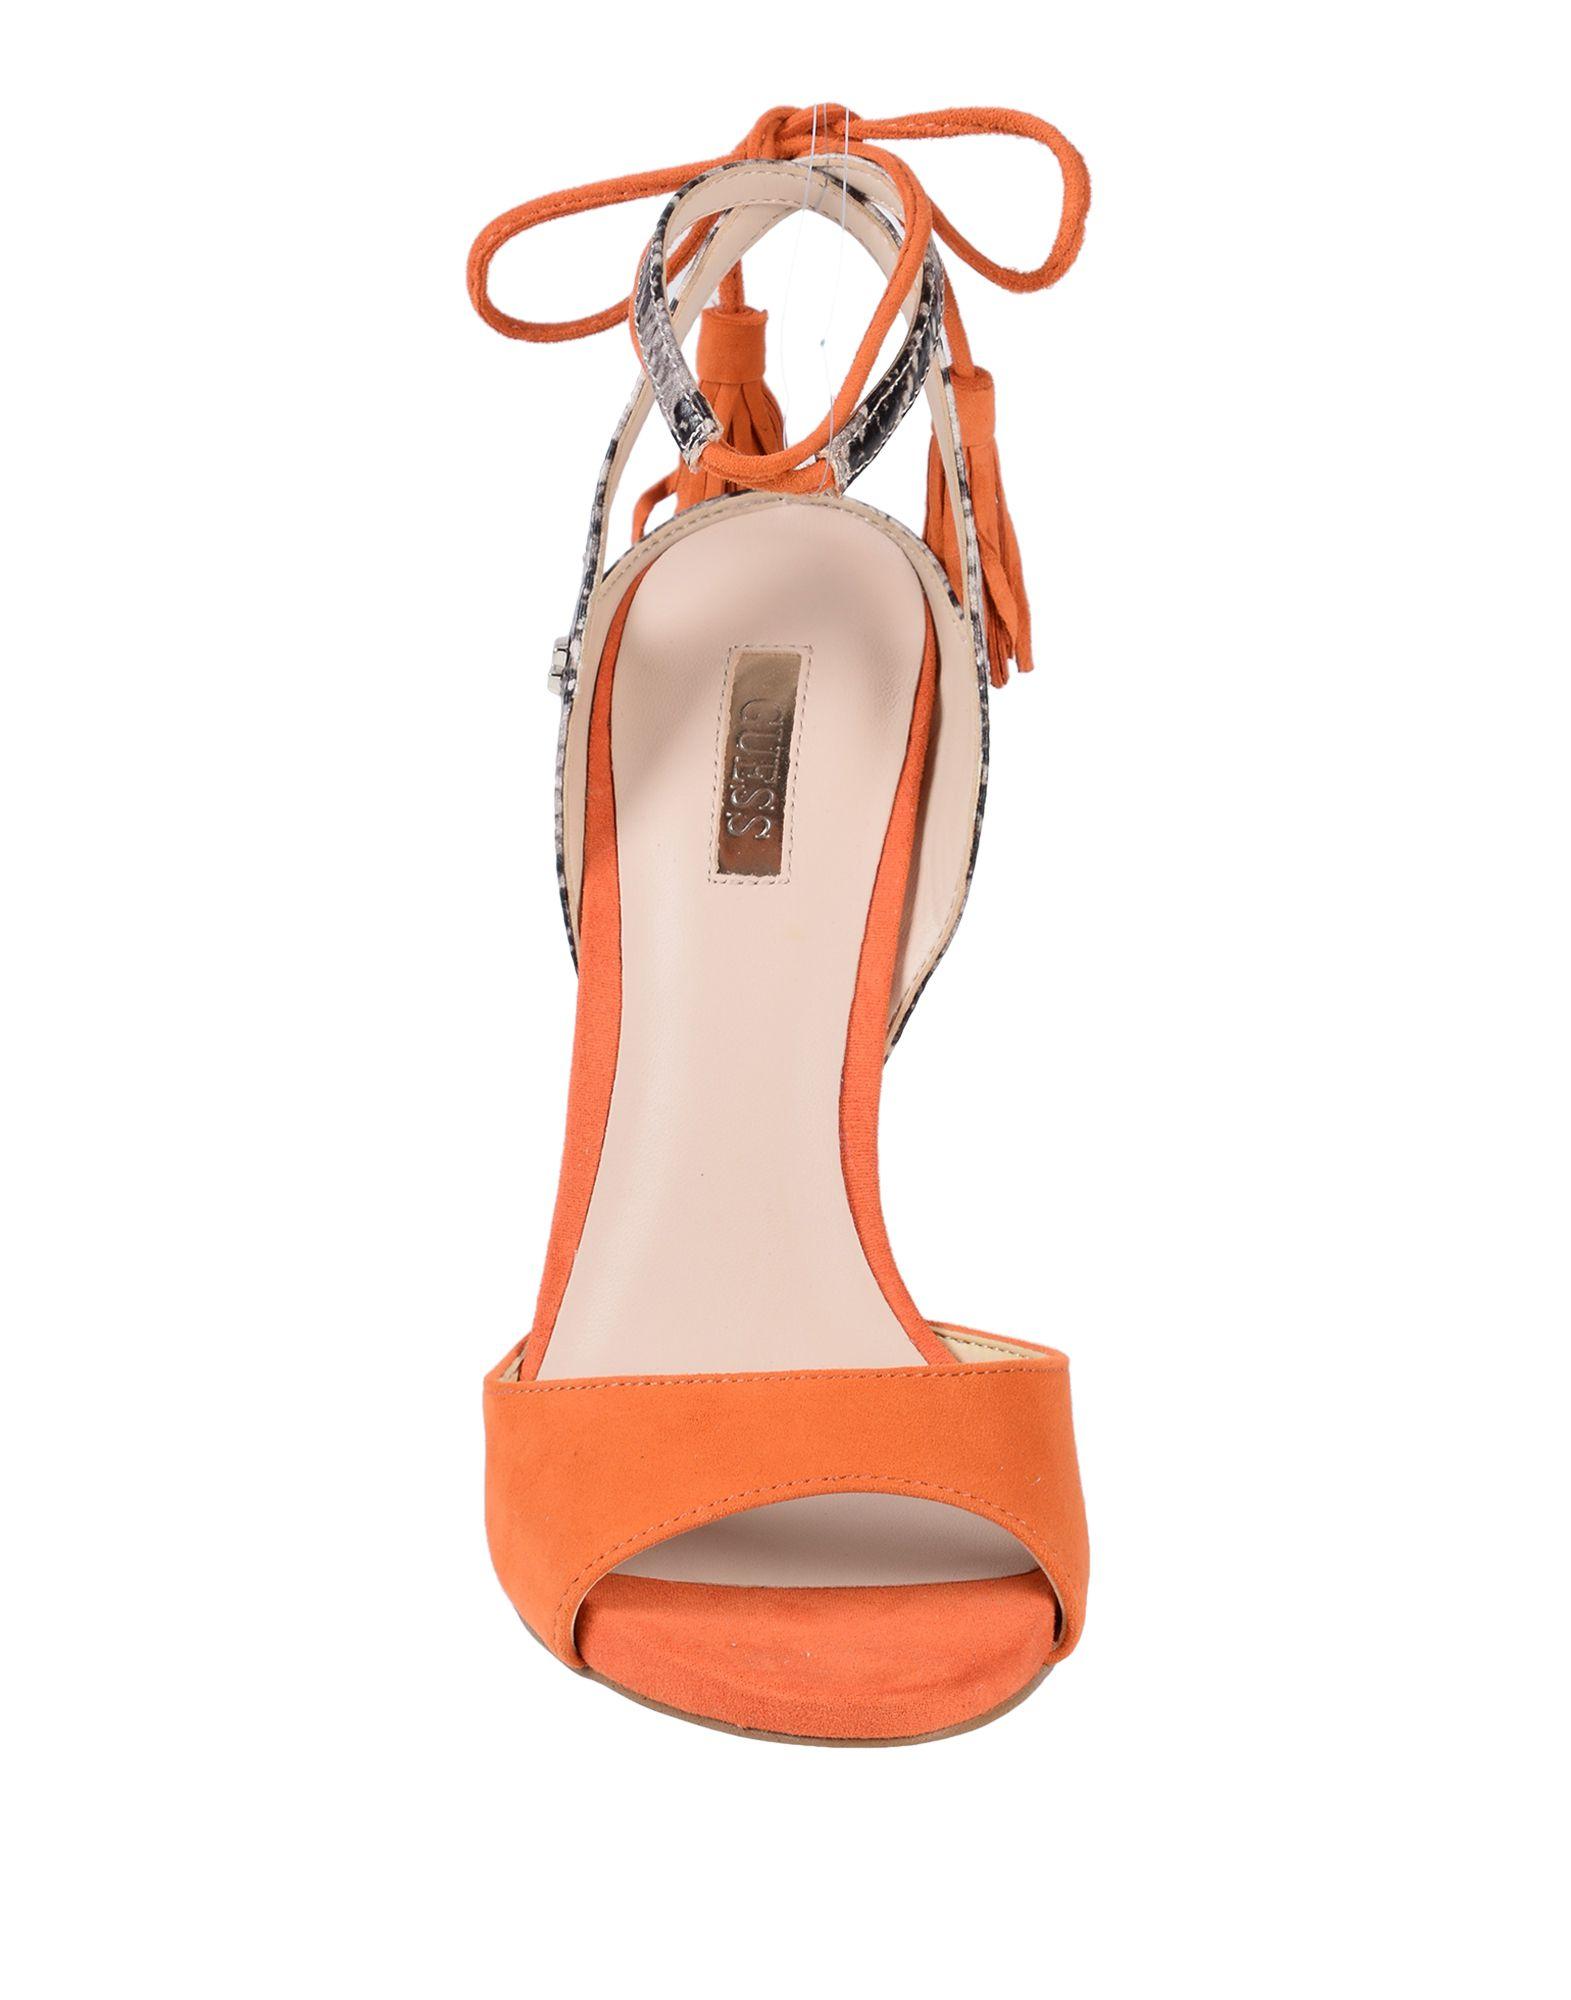 Guess Sandalen Damen es Gutes Preis-Leistungs-Verhältnis, es Damen lohnt sich f5a190